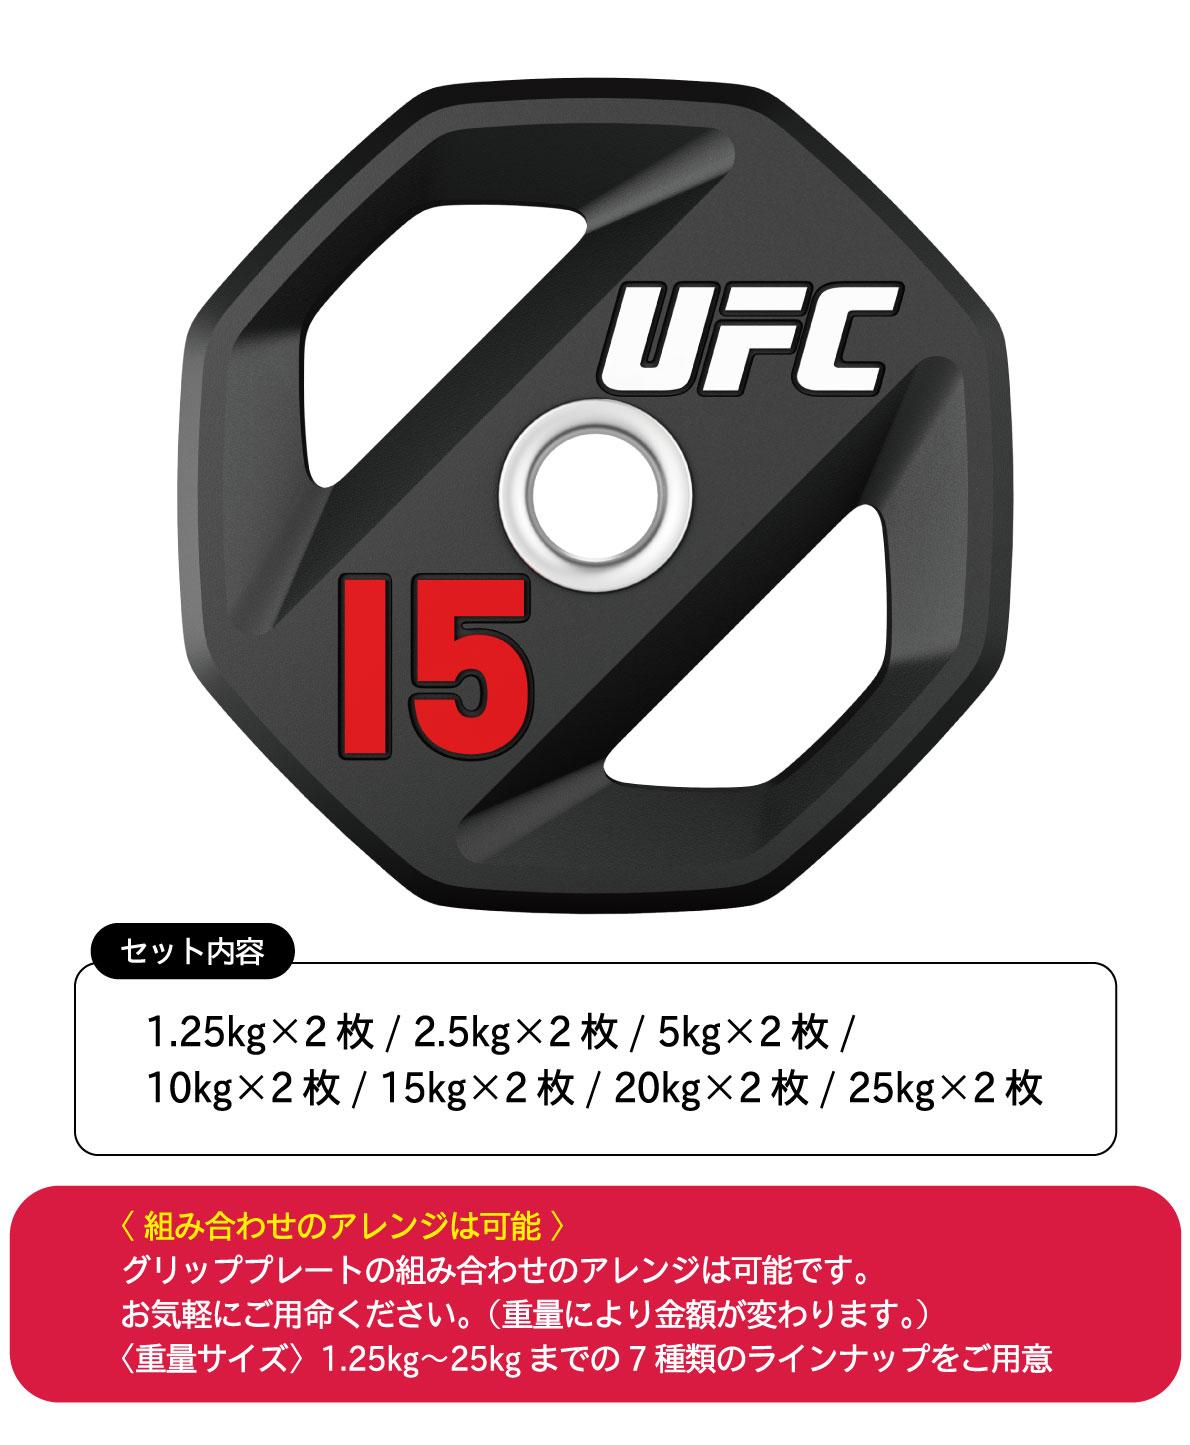 ウレタングリッププレート/ディスクの14枚セット(1.25kg-25kg)〈業務用〉《総合格闘技UFCオフィシャル》